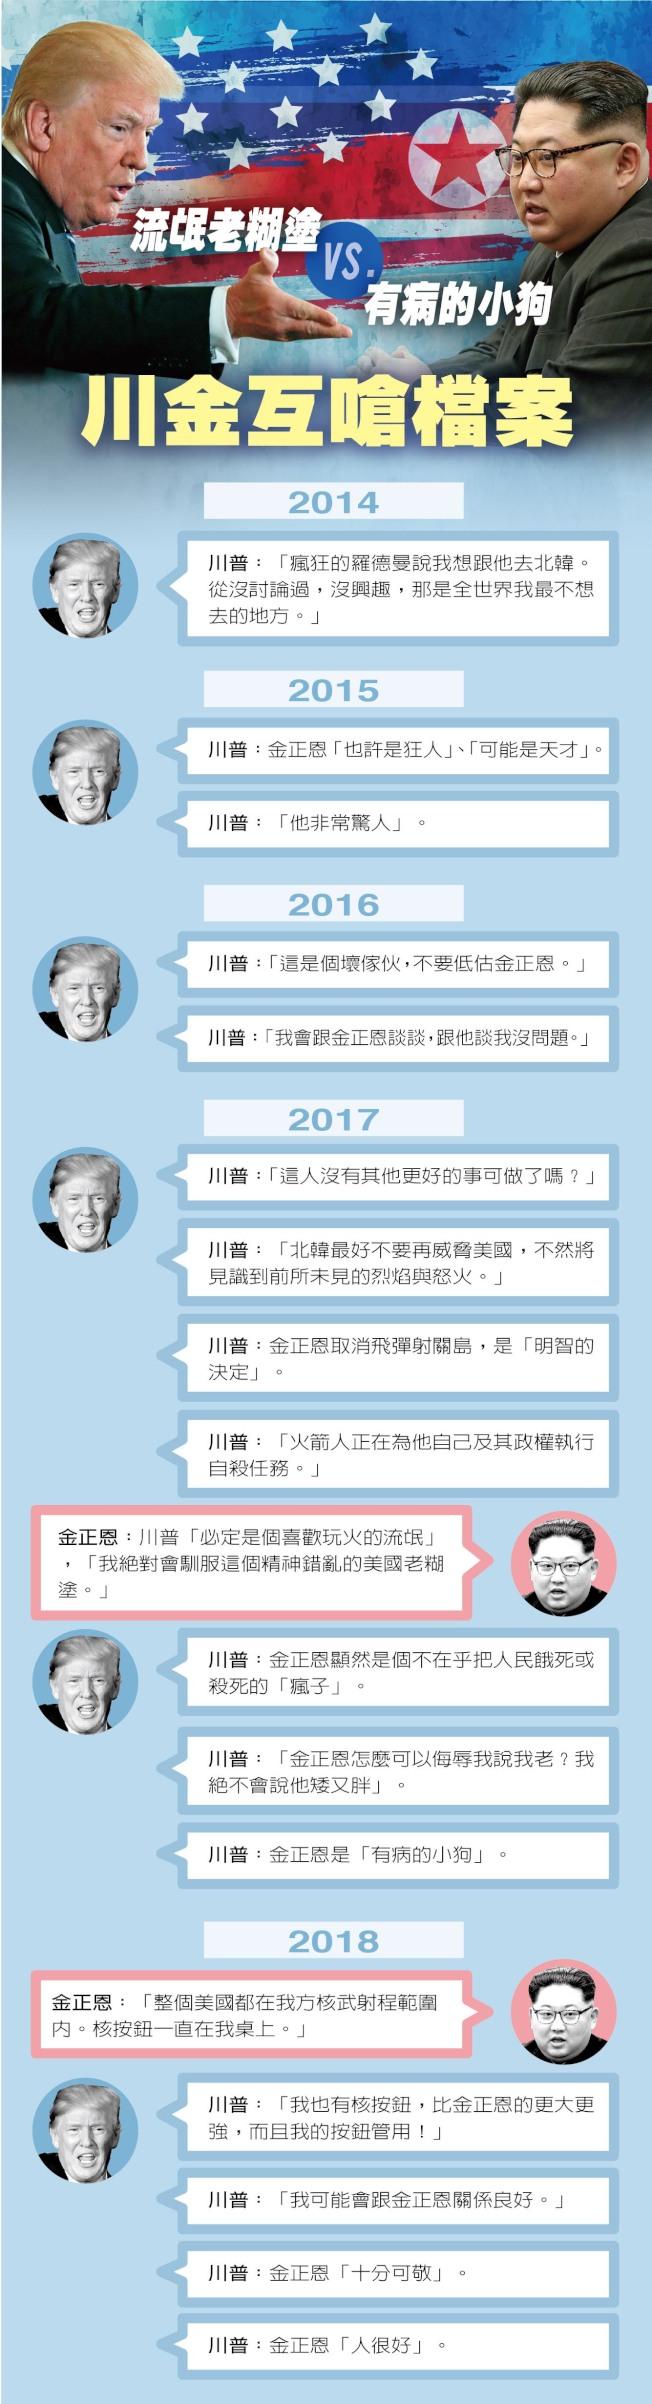 製表/馮克芸、蘇韋豪